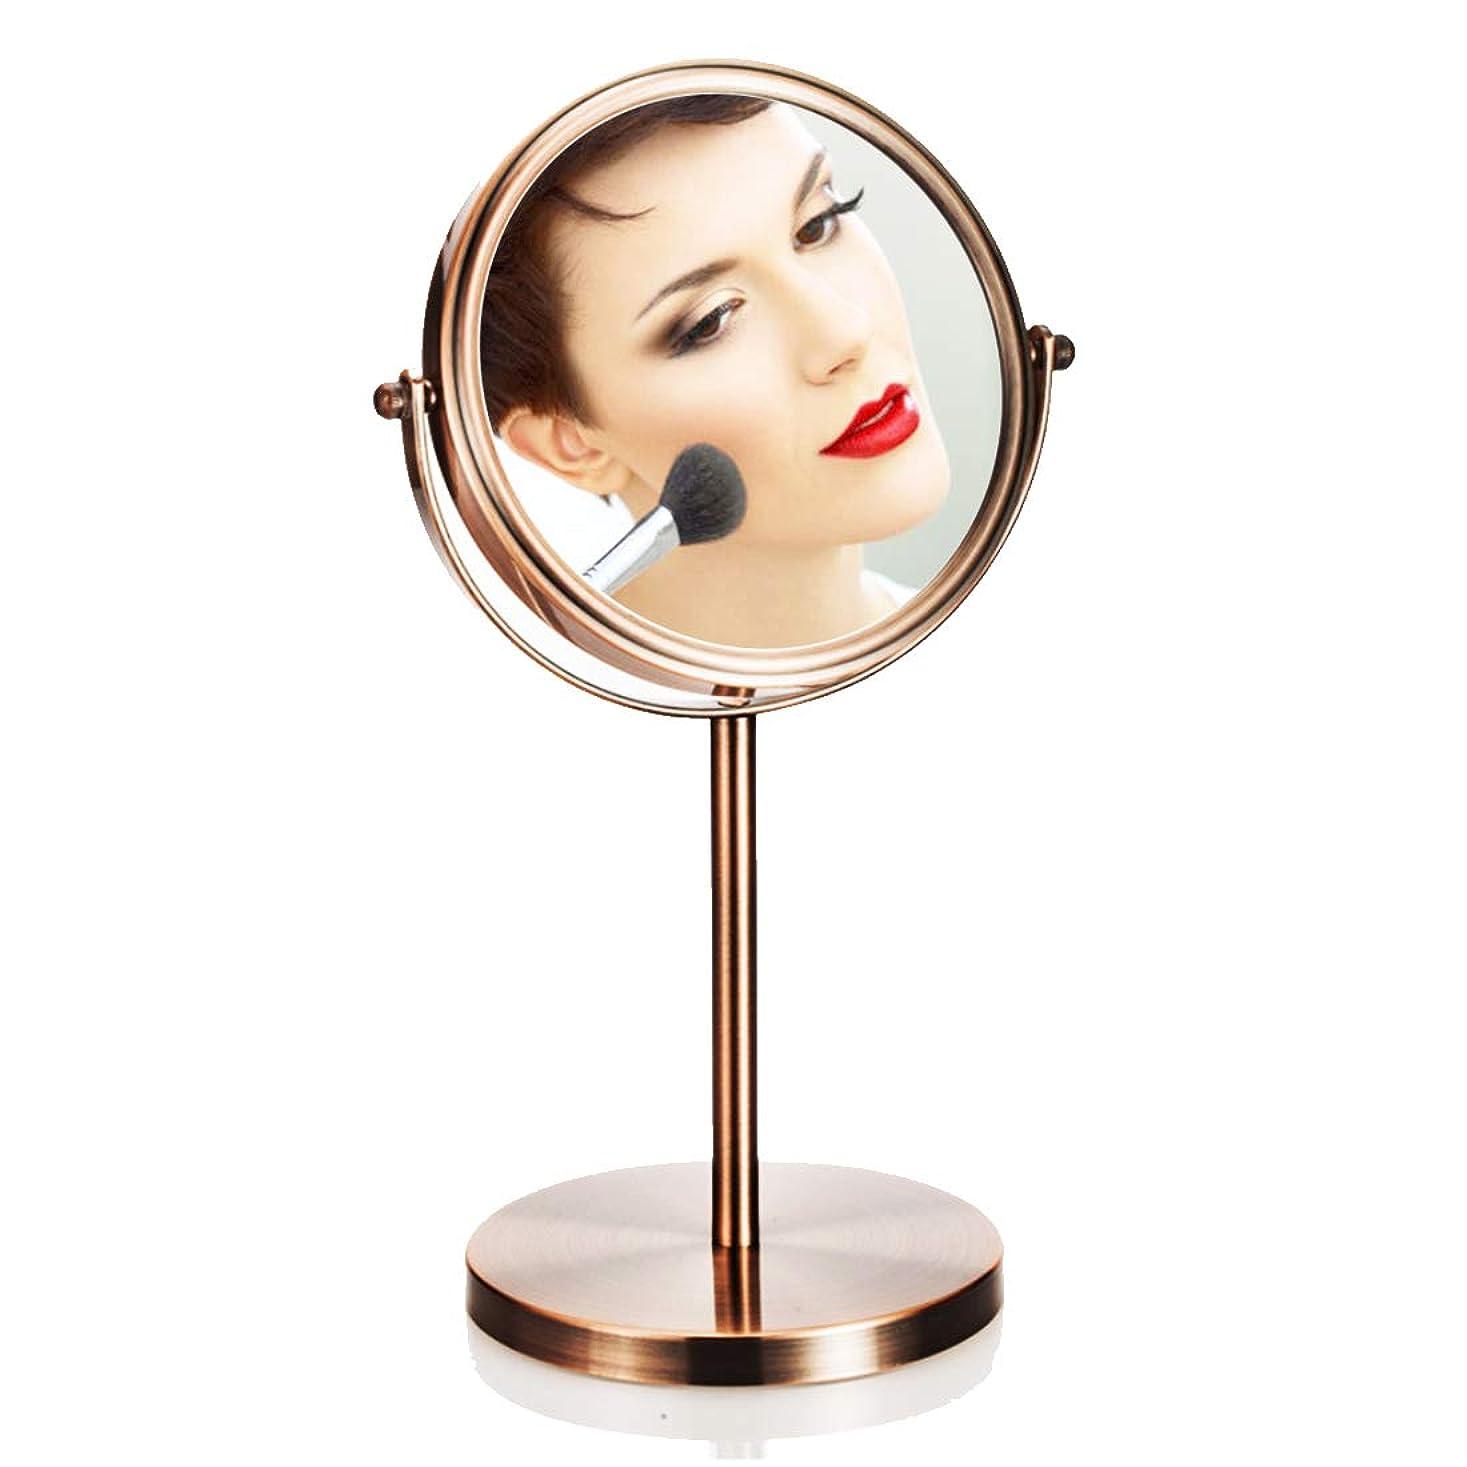 統治可能未払い黙両面化粧鏡フラットミラー+ 3倍拡大鏡デスクトップ拡大鏡寝室の浴室用,Brass,20cm